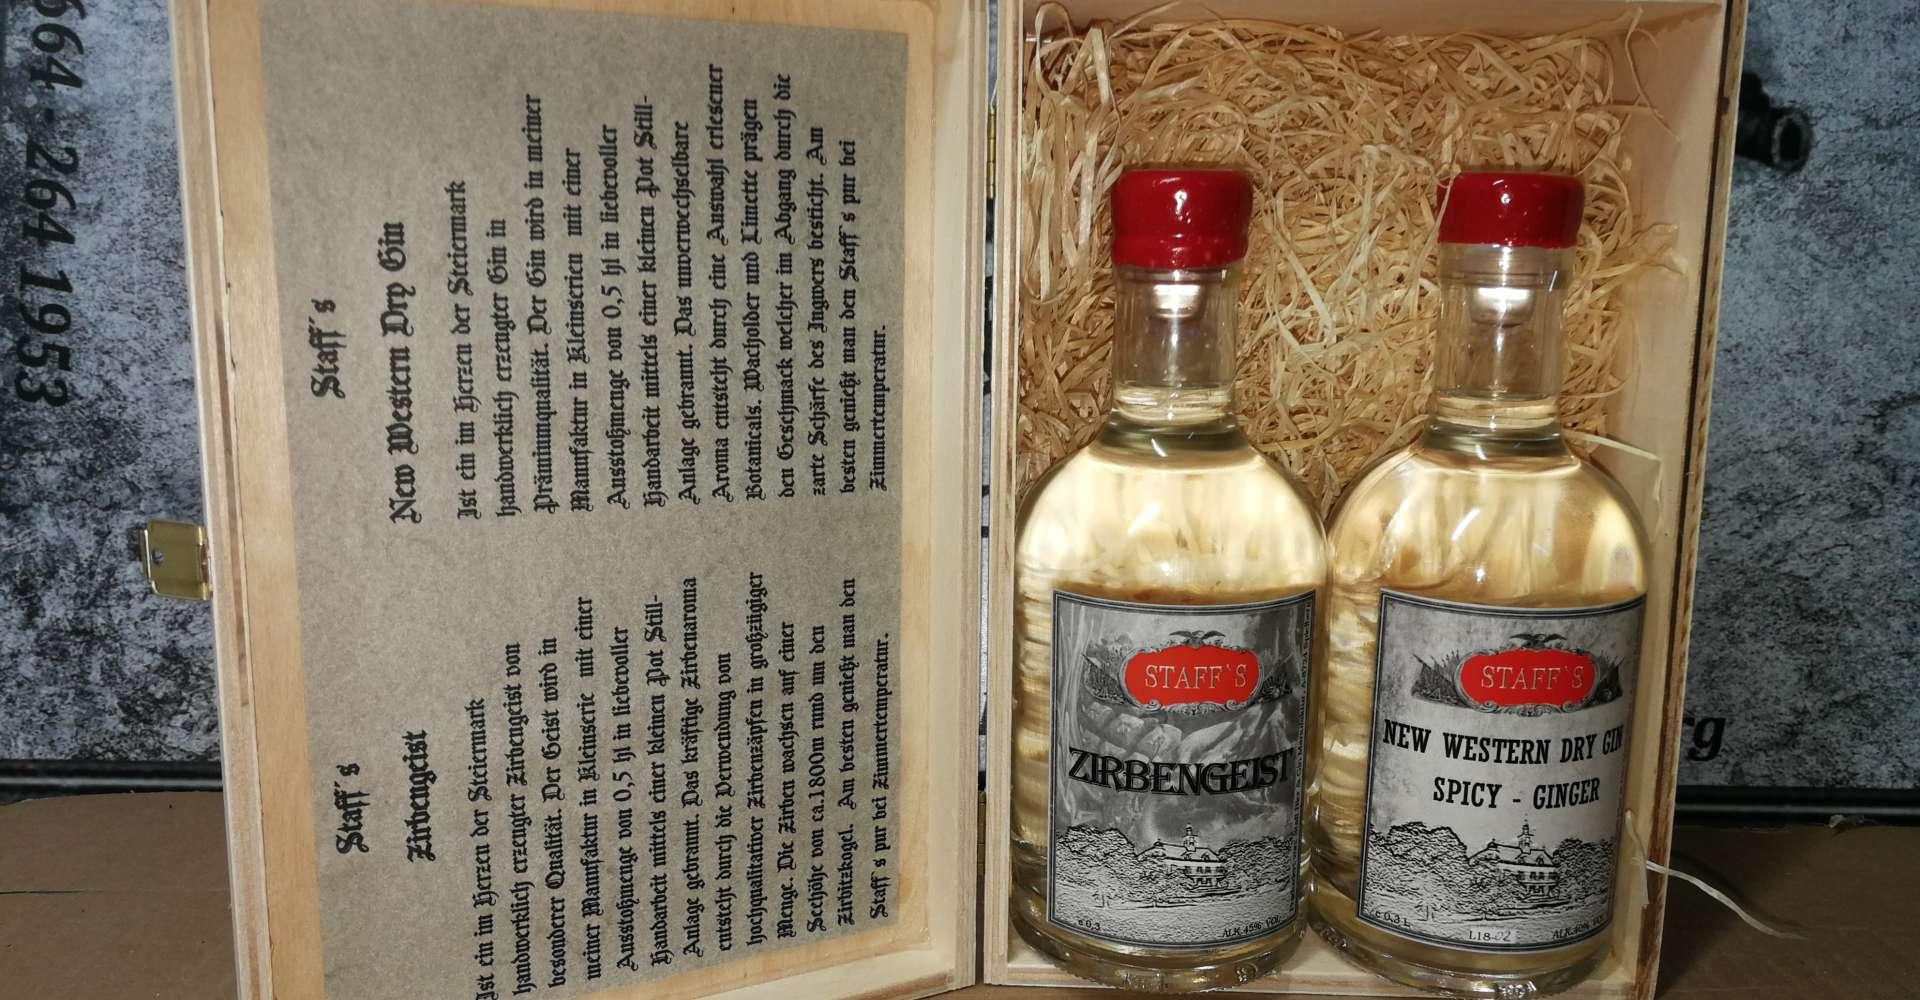 <p>Staff's Bier und Gin Manufaktur</p> Copyright:Firmeninhaber